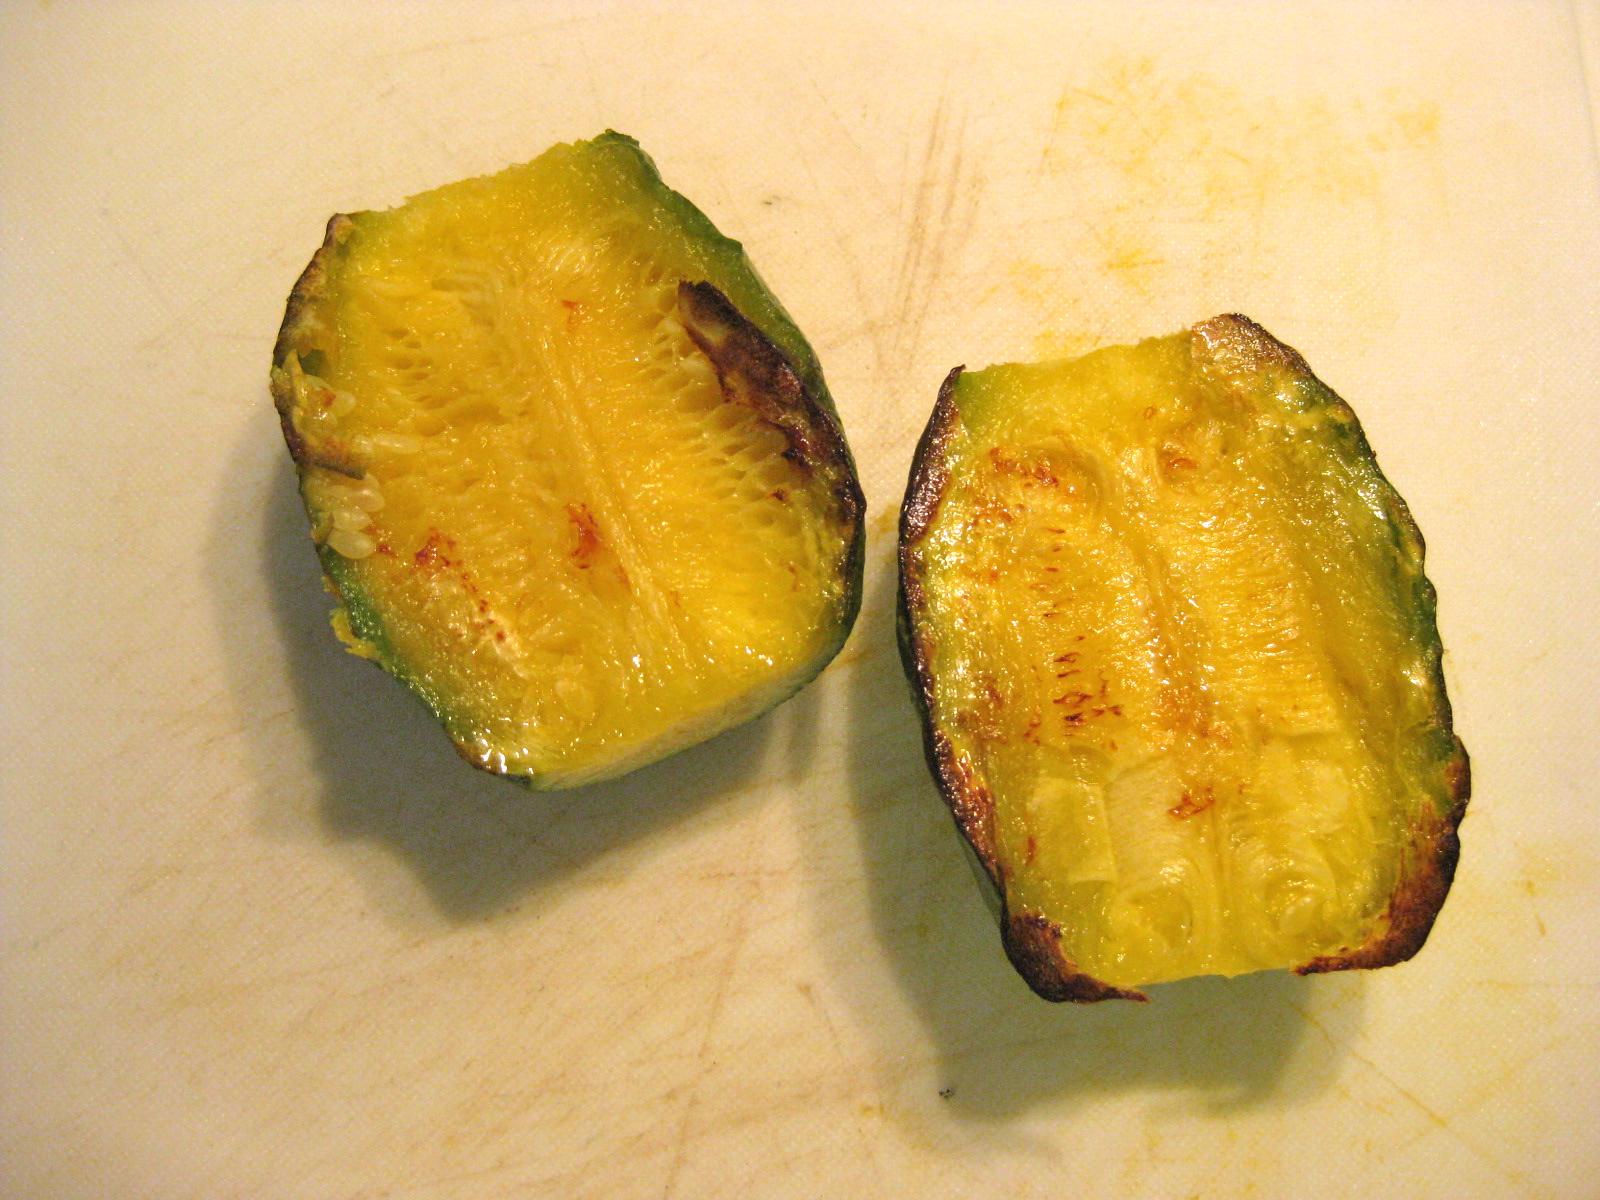 Souper Season: Vegan Butternut & Avocado Squash Soup   BlogHer